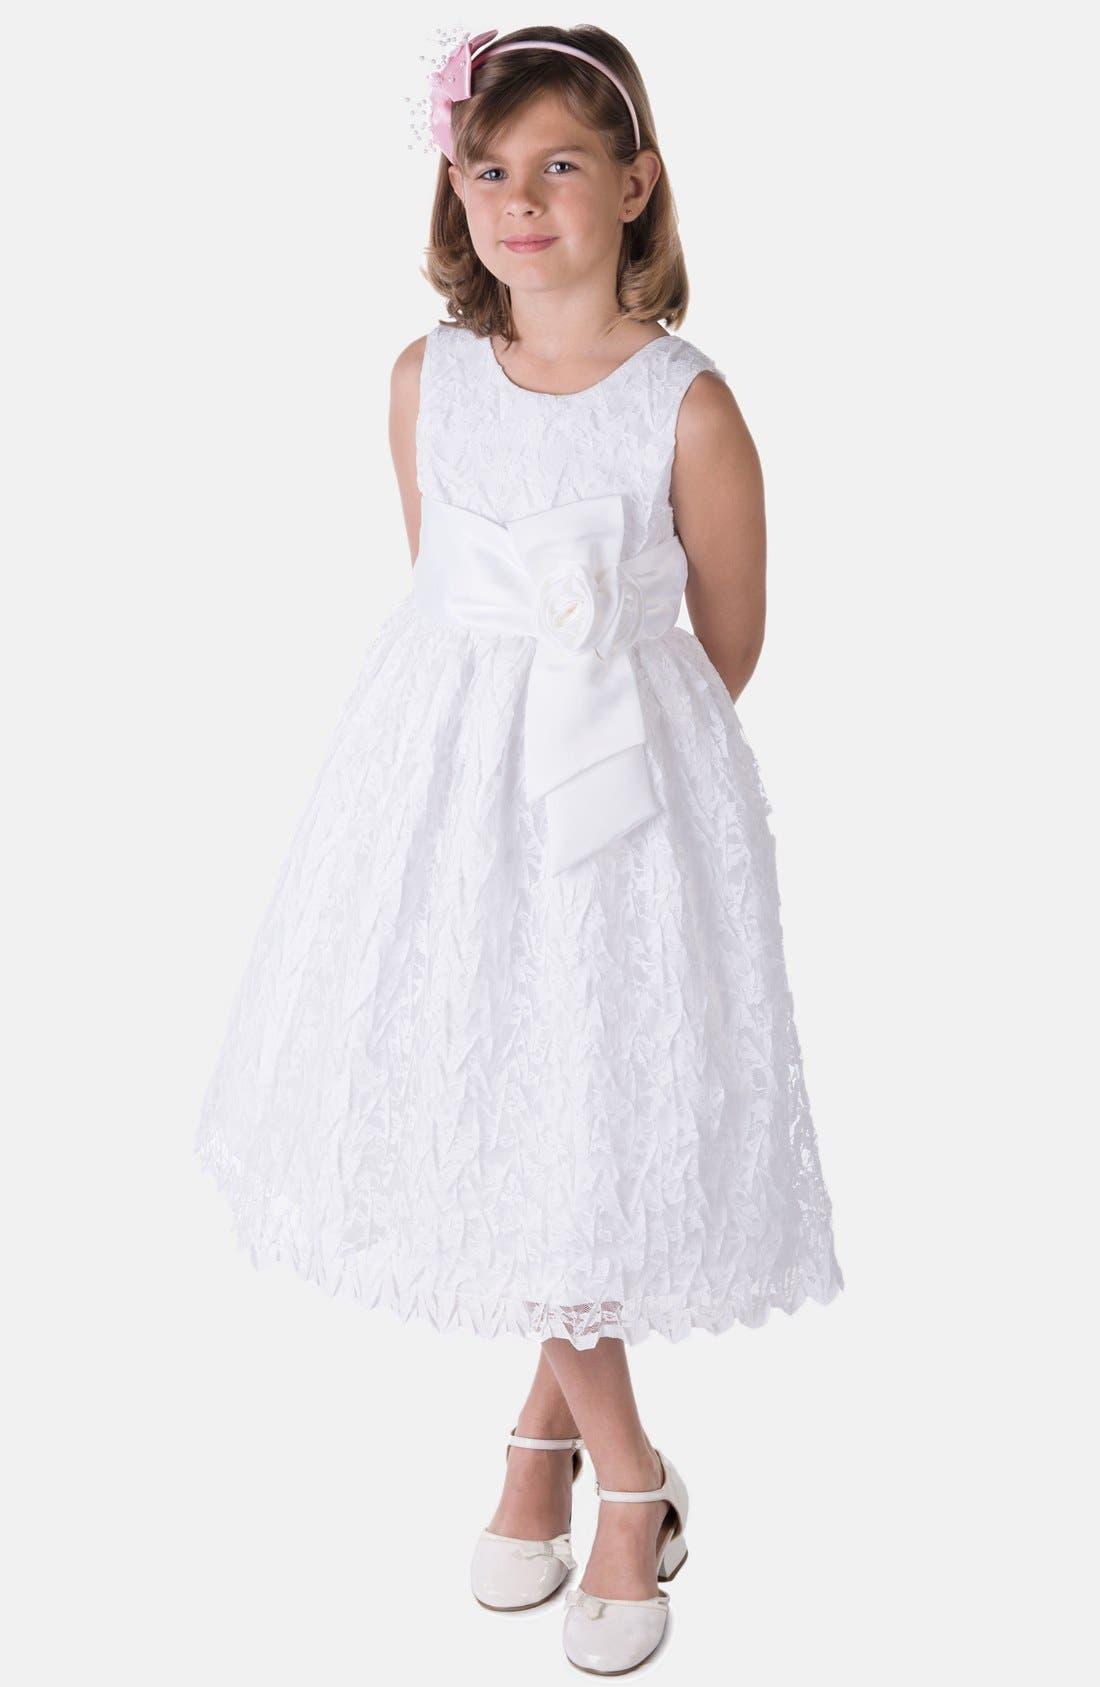 Main Image - C.I. Castro & Co. Sleeveless Lace Dress (Big Girls)